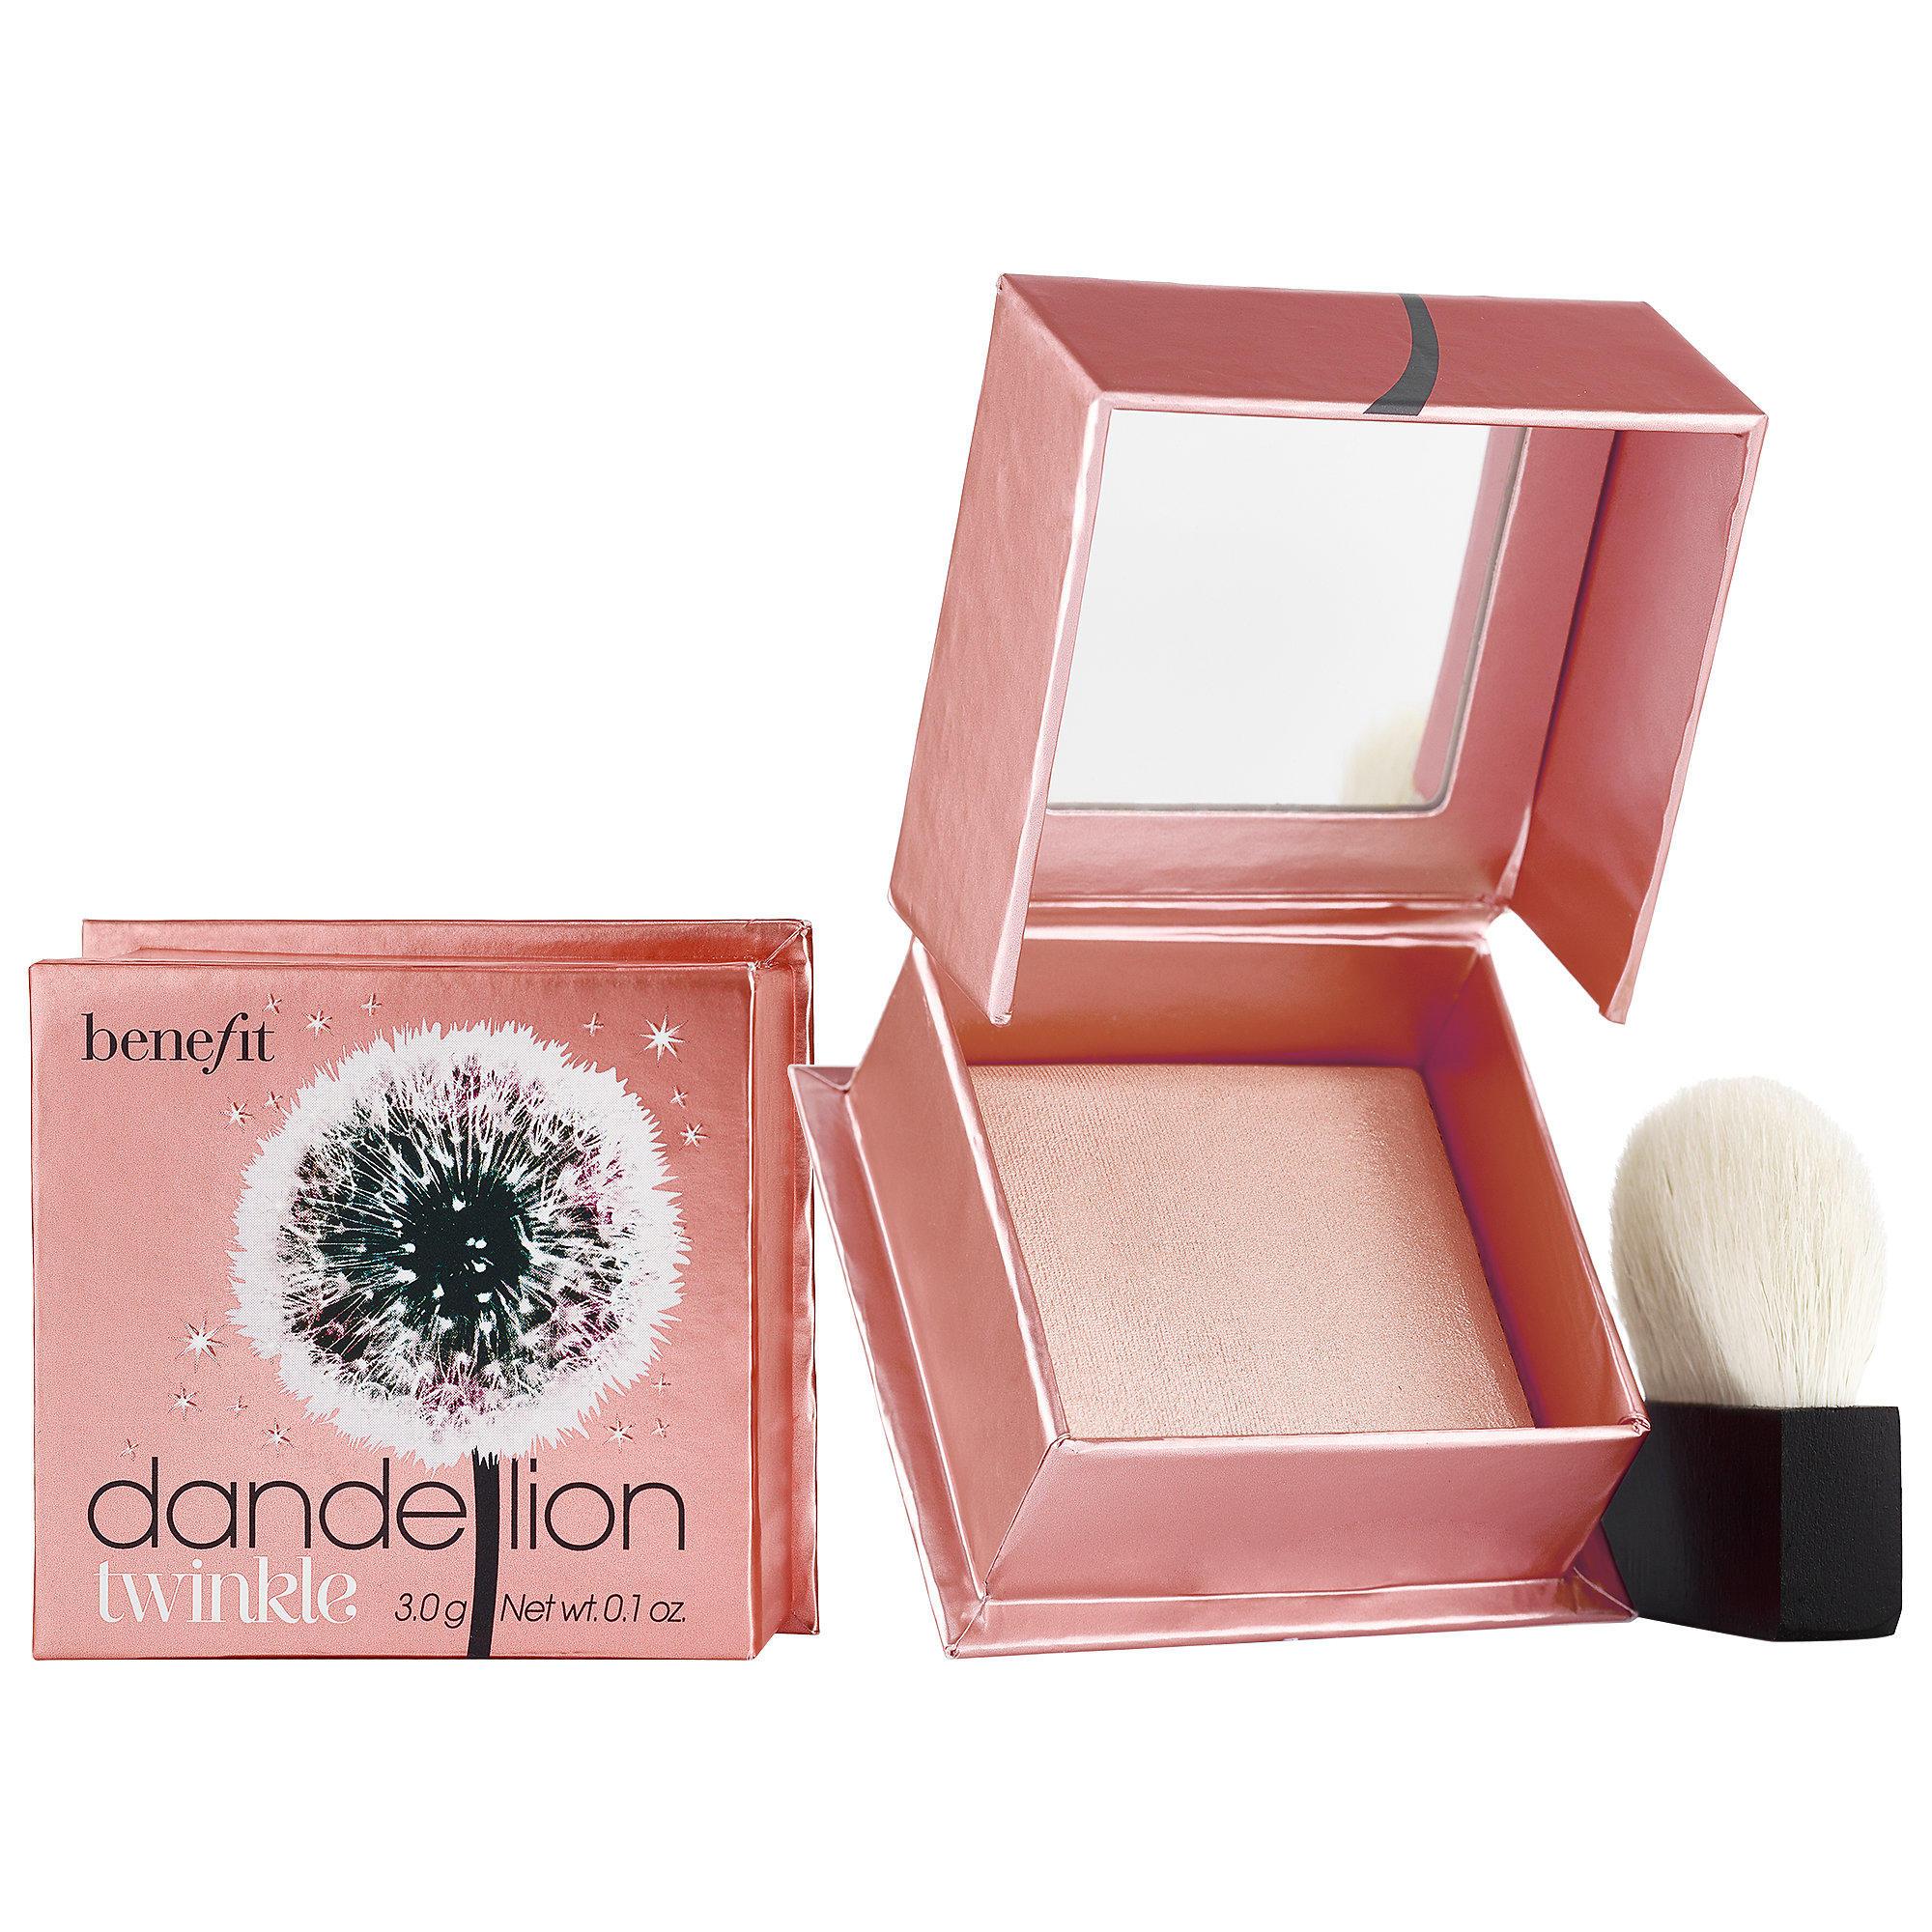 Benefit Powder Highlighter & Luminizer Dandelion Twinkle